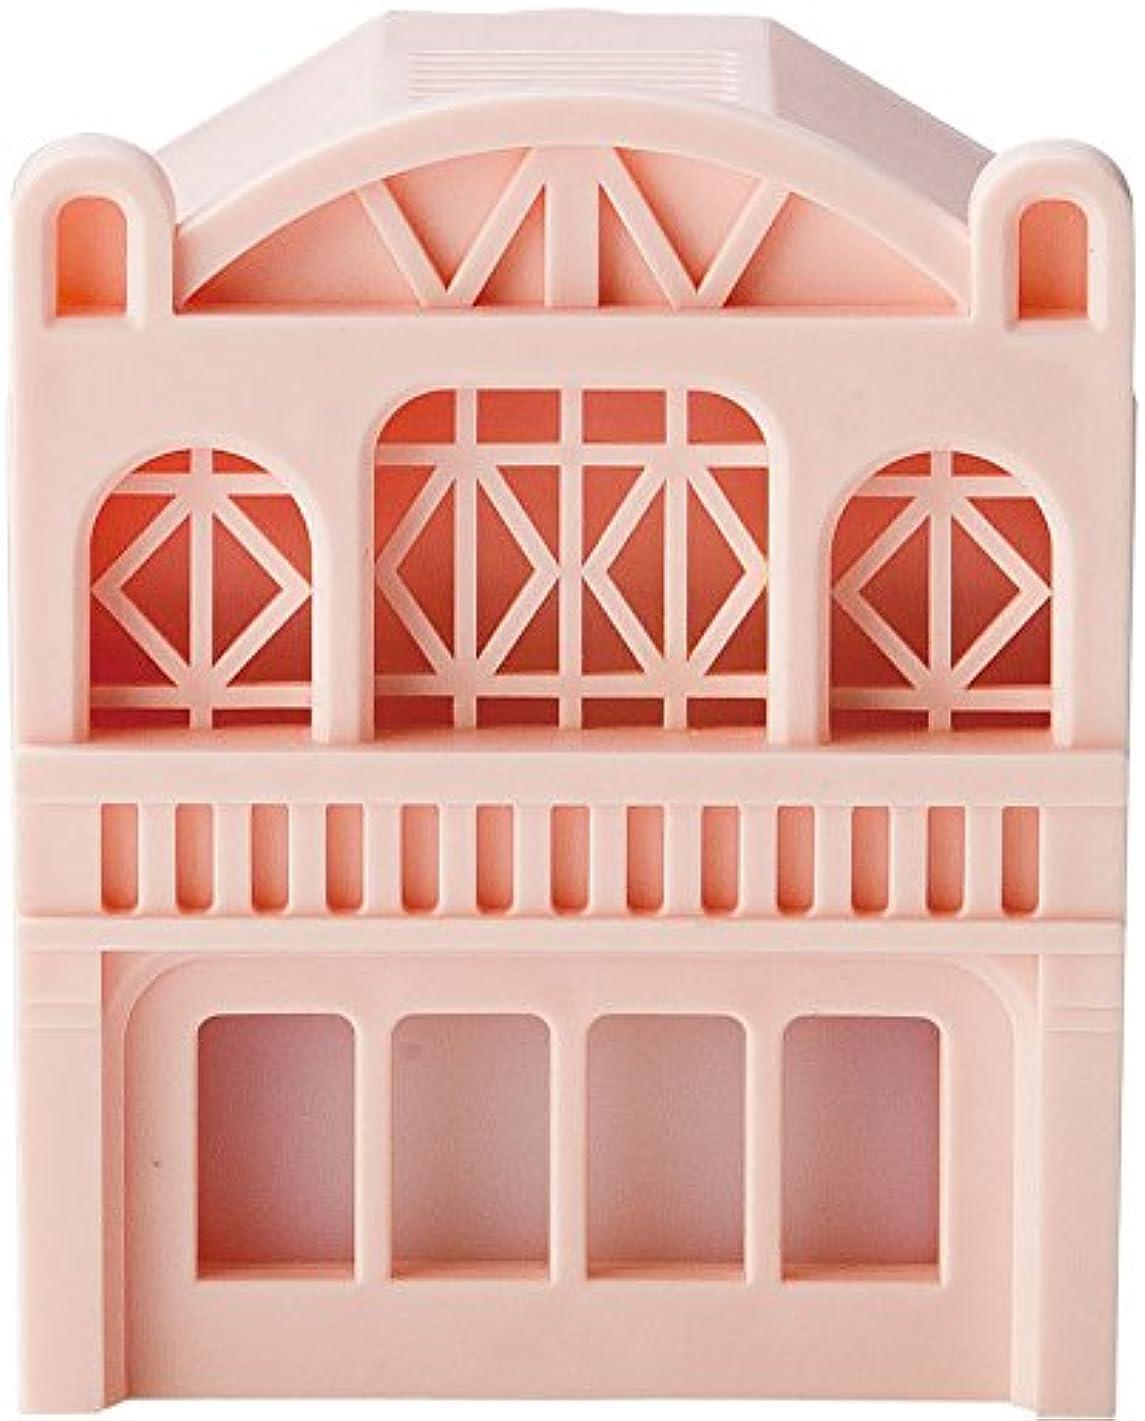 クリエイティブ地獄競争ラドンナ CUTENSIL AROMA HOUSE FAN (アロマハウスファン) CU01-AHF ピンク